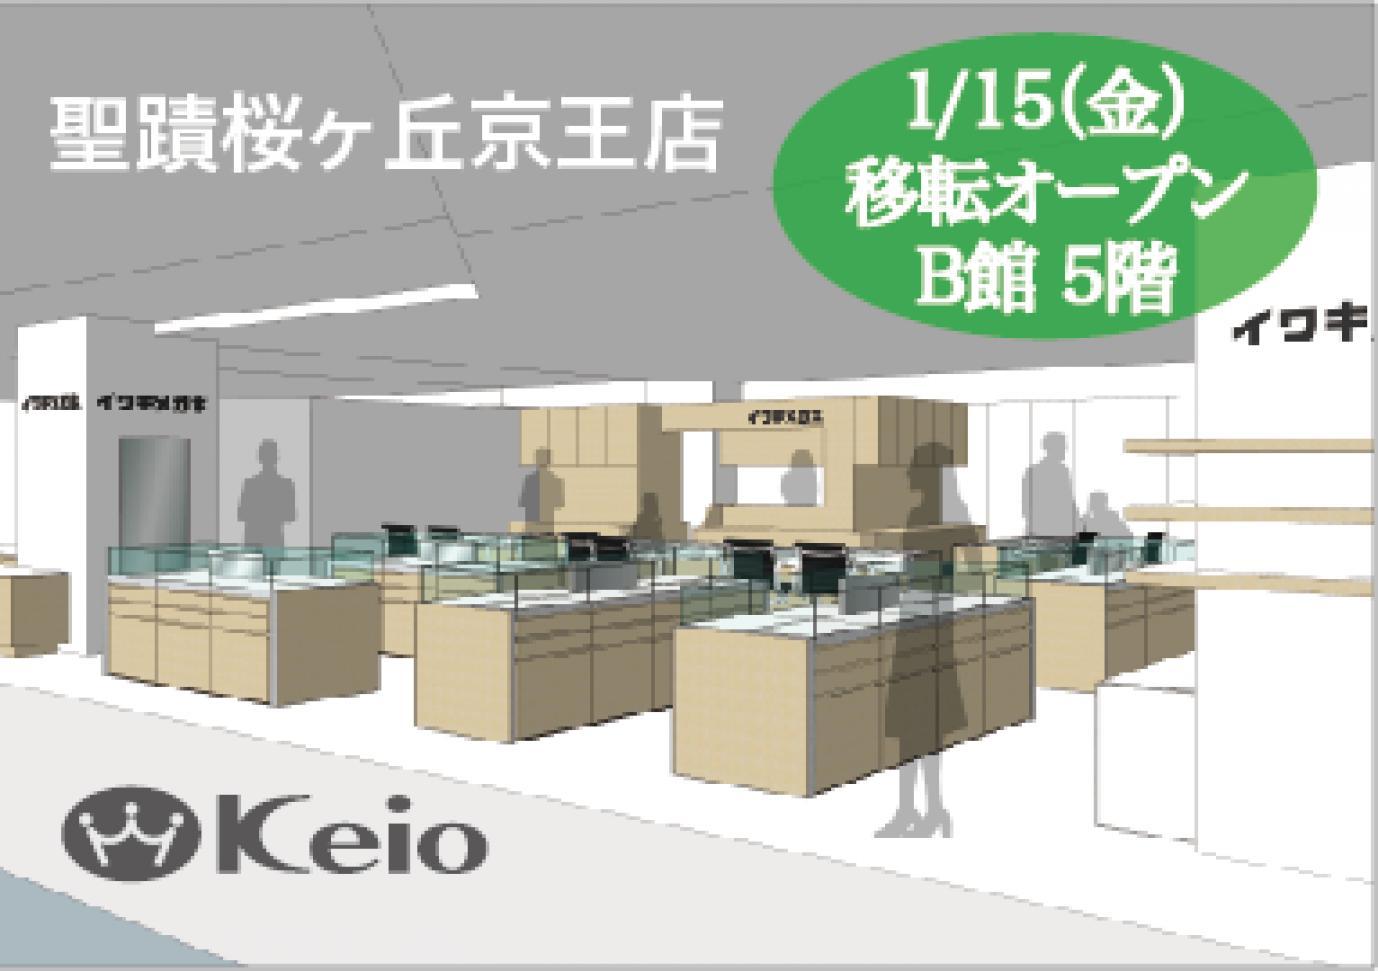 <聖蹟桜ケ丘京王店>移転オープンのお知らせ